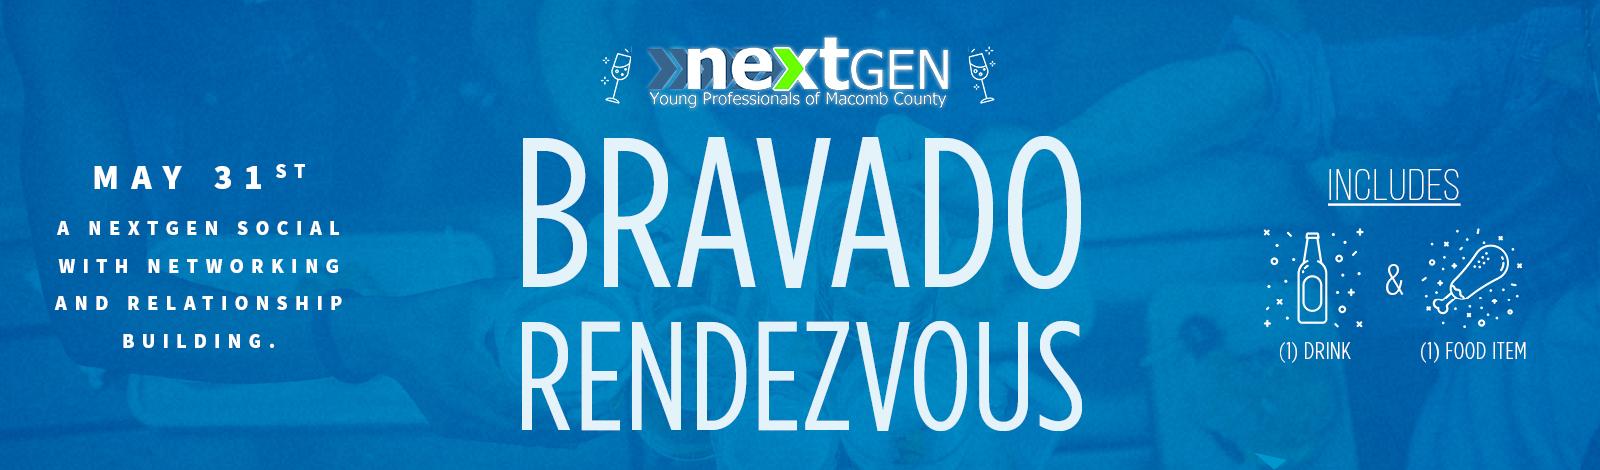 NG Web Banner